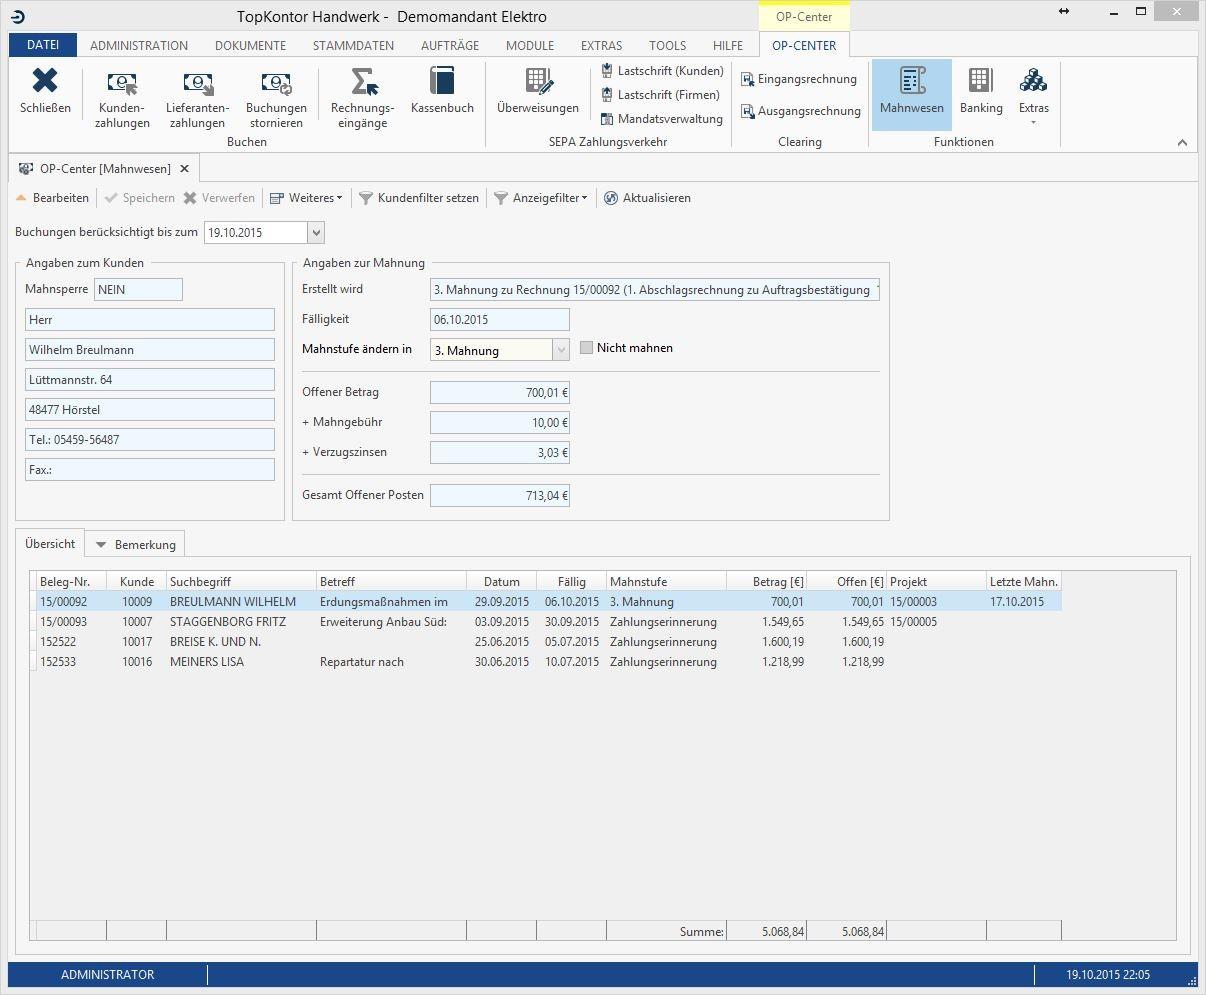 Bildschirm-Ausschnitt von TopKontor Handwerk V6: Mahnwesen